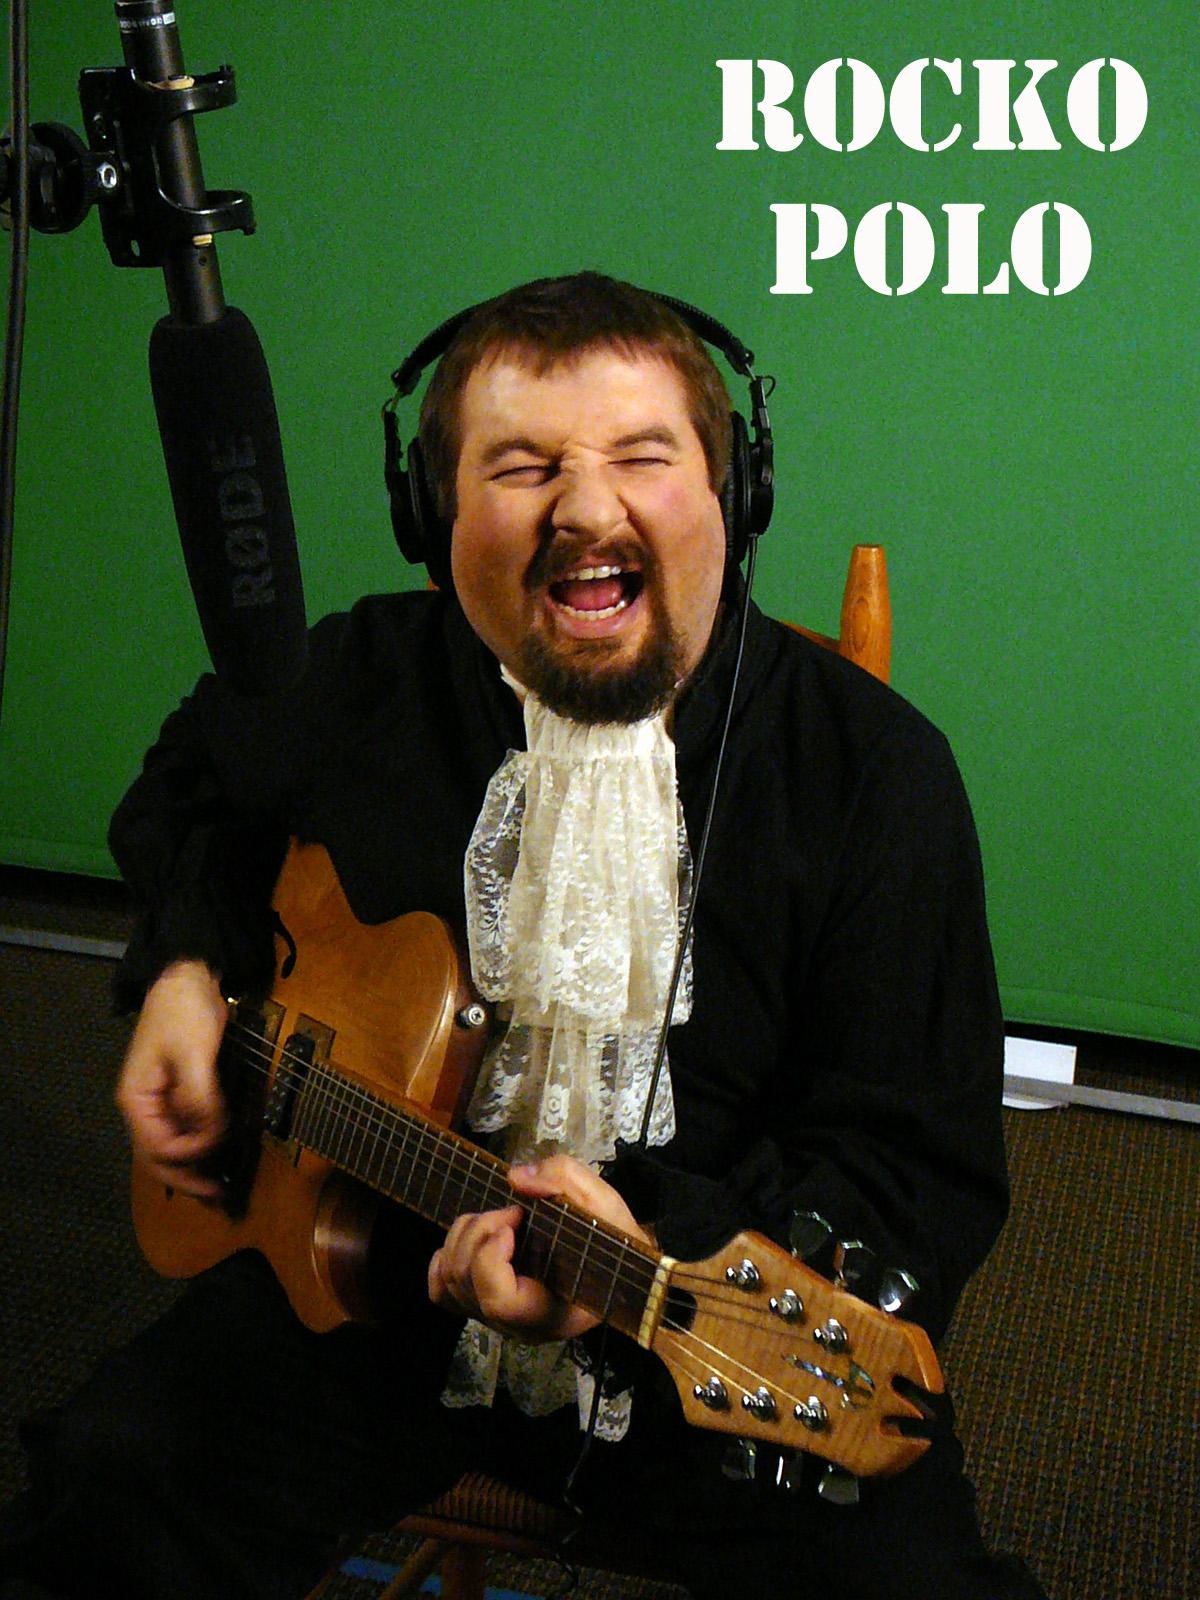 Rocko Polo